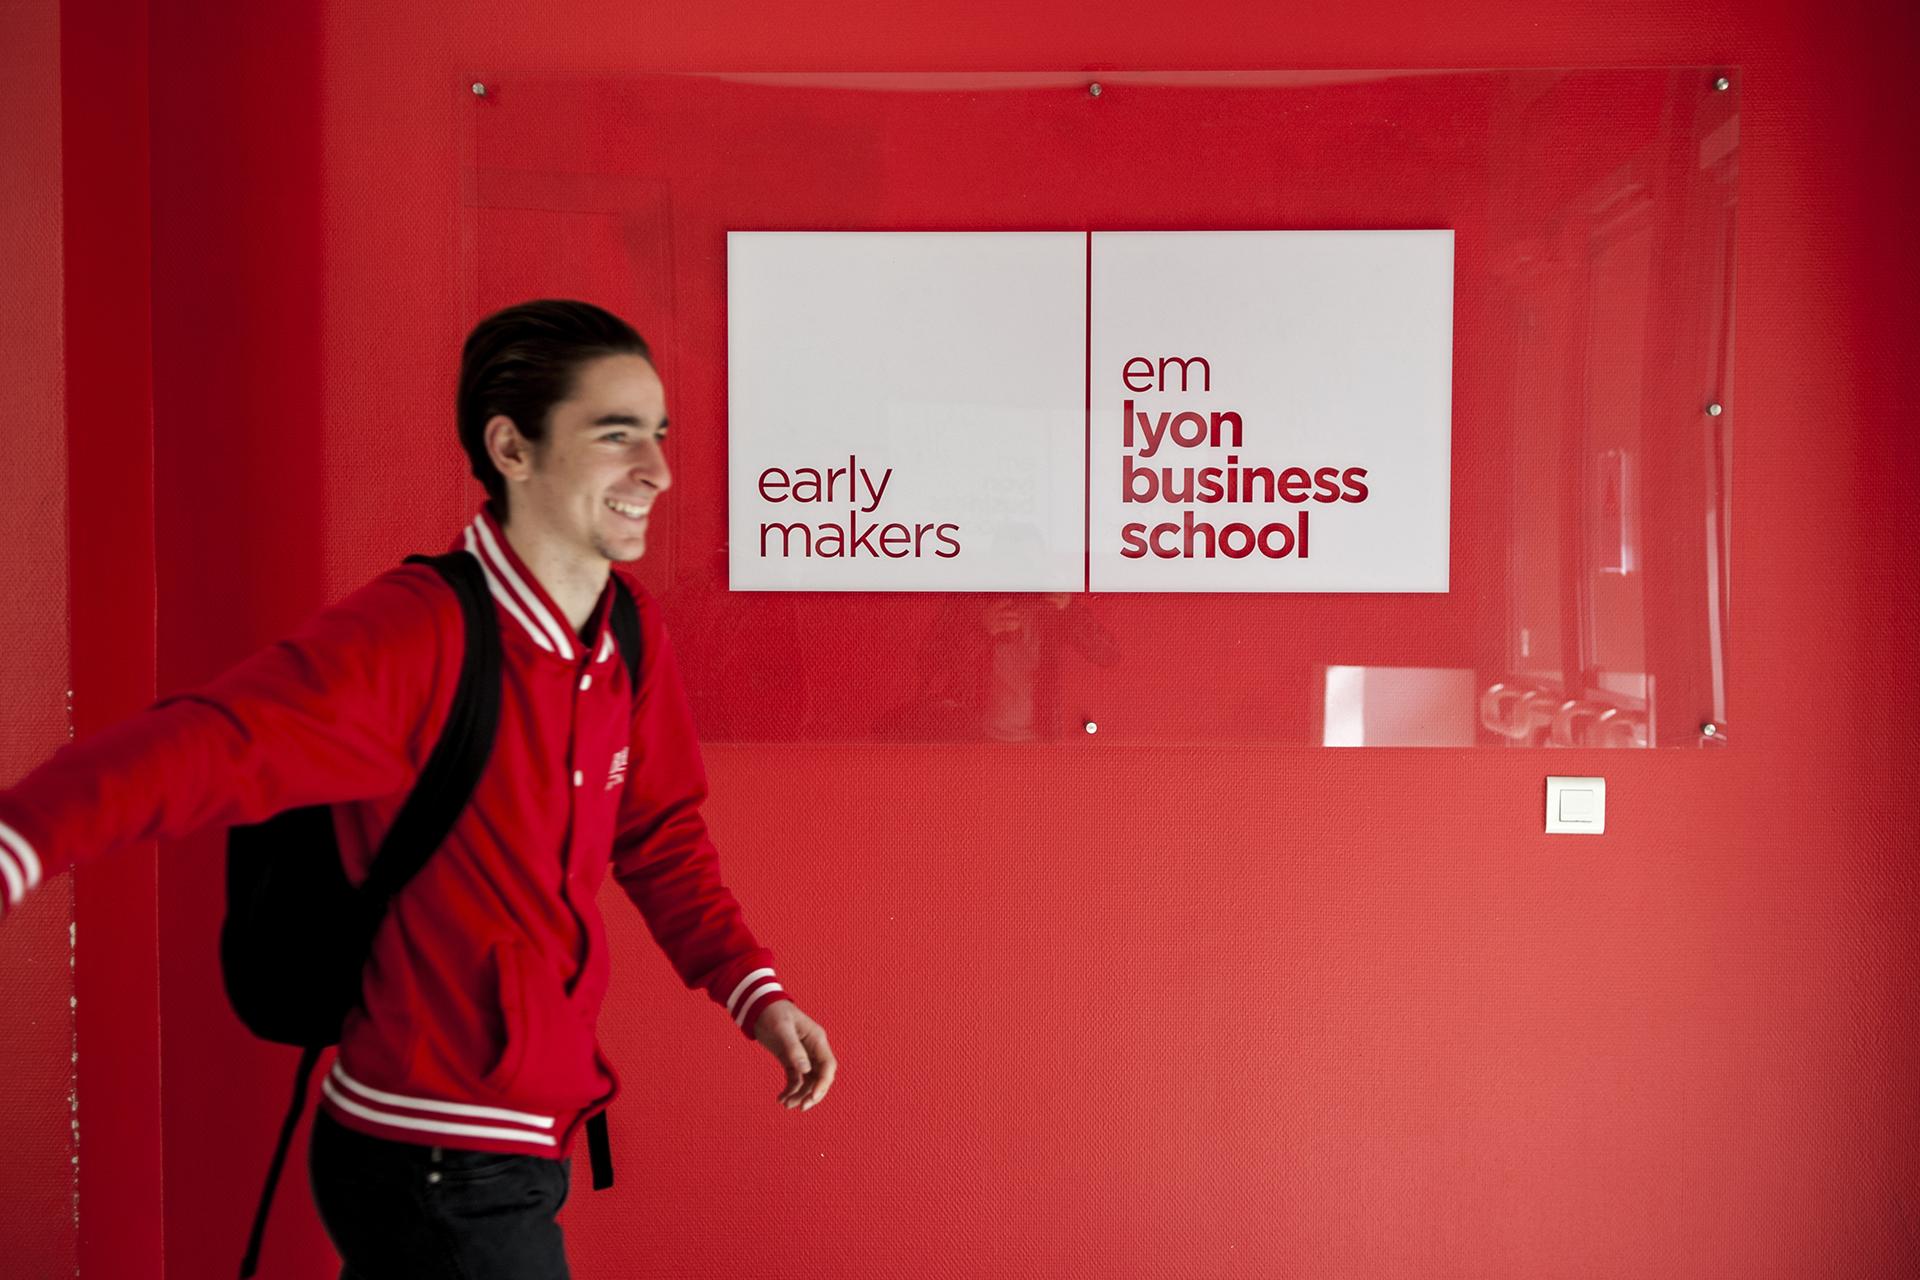 EM LYON // BBA (Bachelor in Business Administration)Site de St Etienne51 COURS FAURIEL, 42 St Etienne